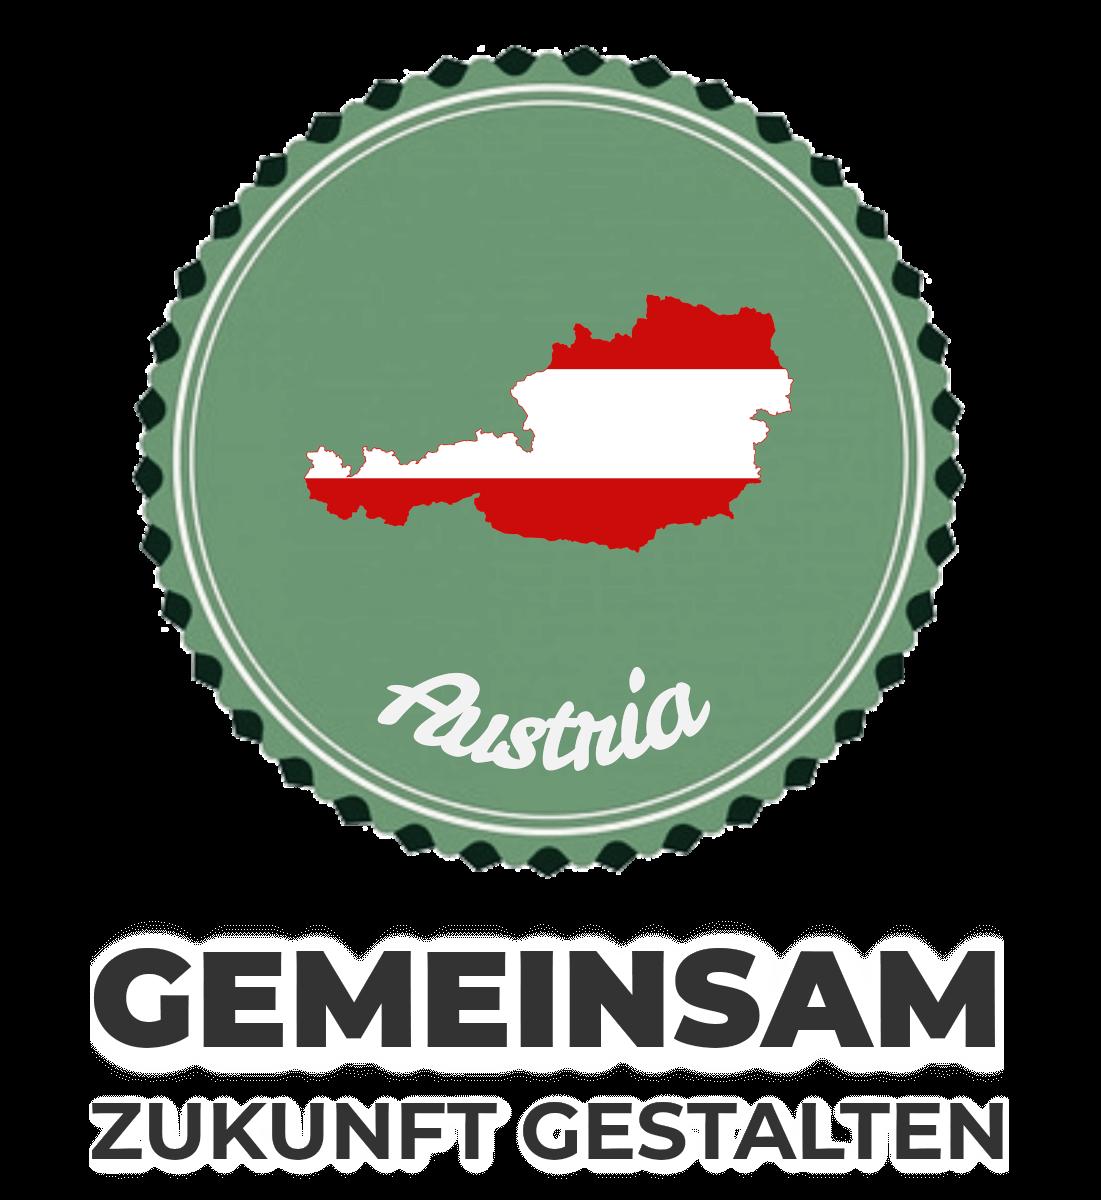 GEMEINSAM ZUKUNFT GESTALTEN